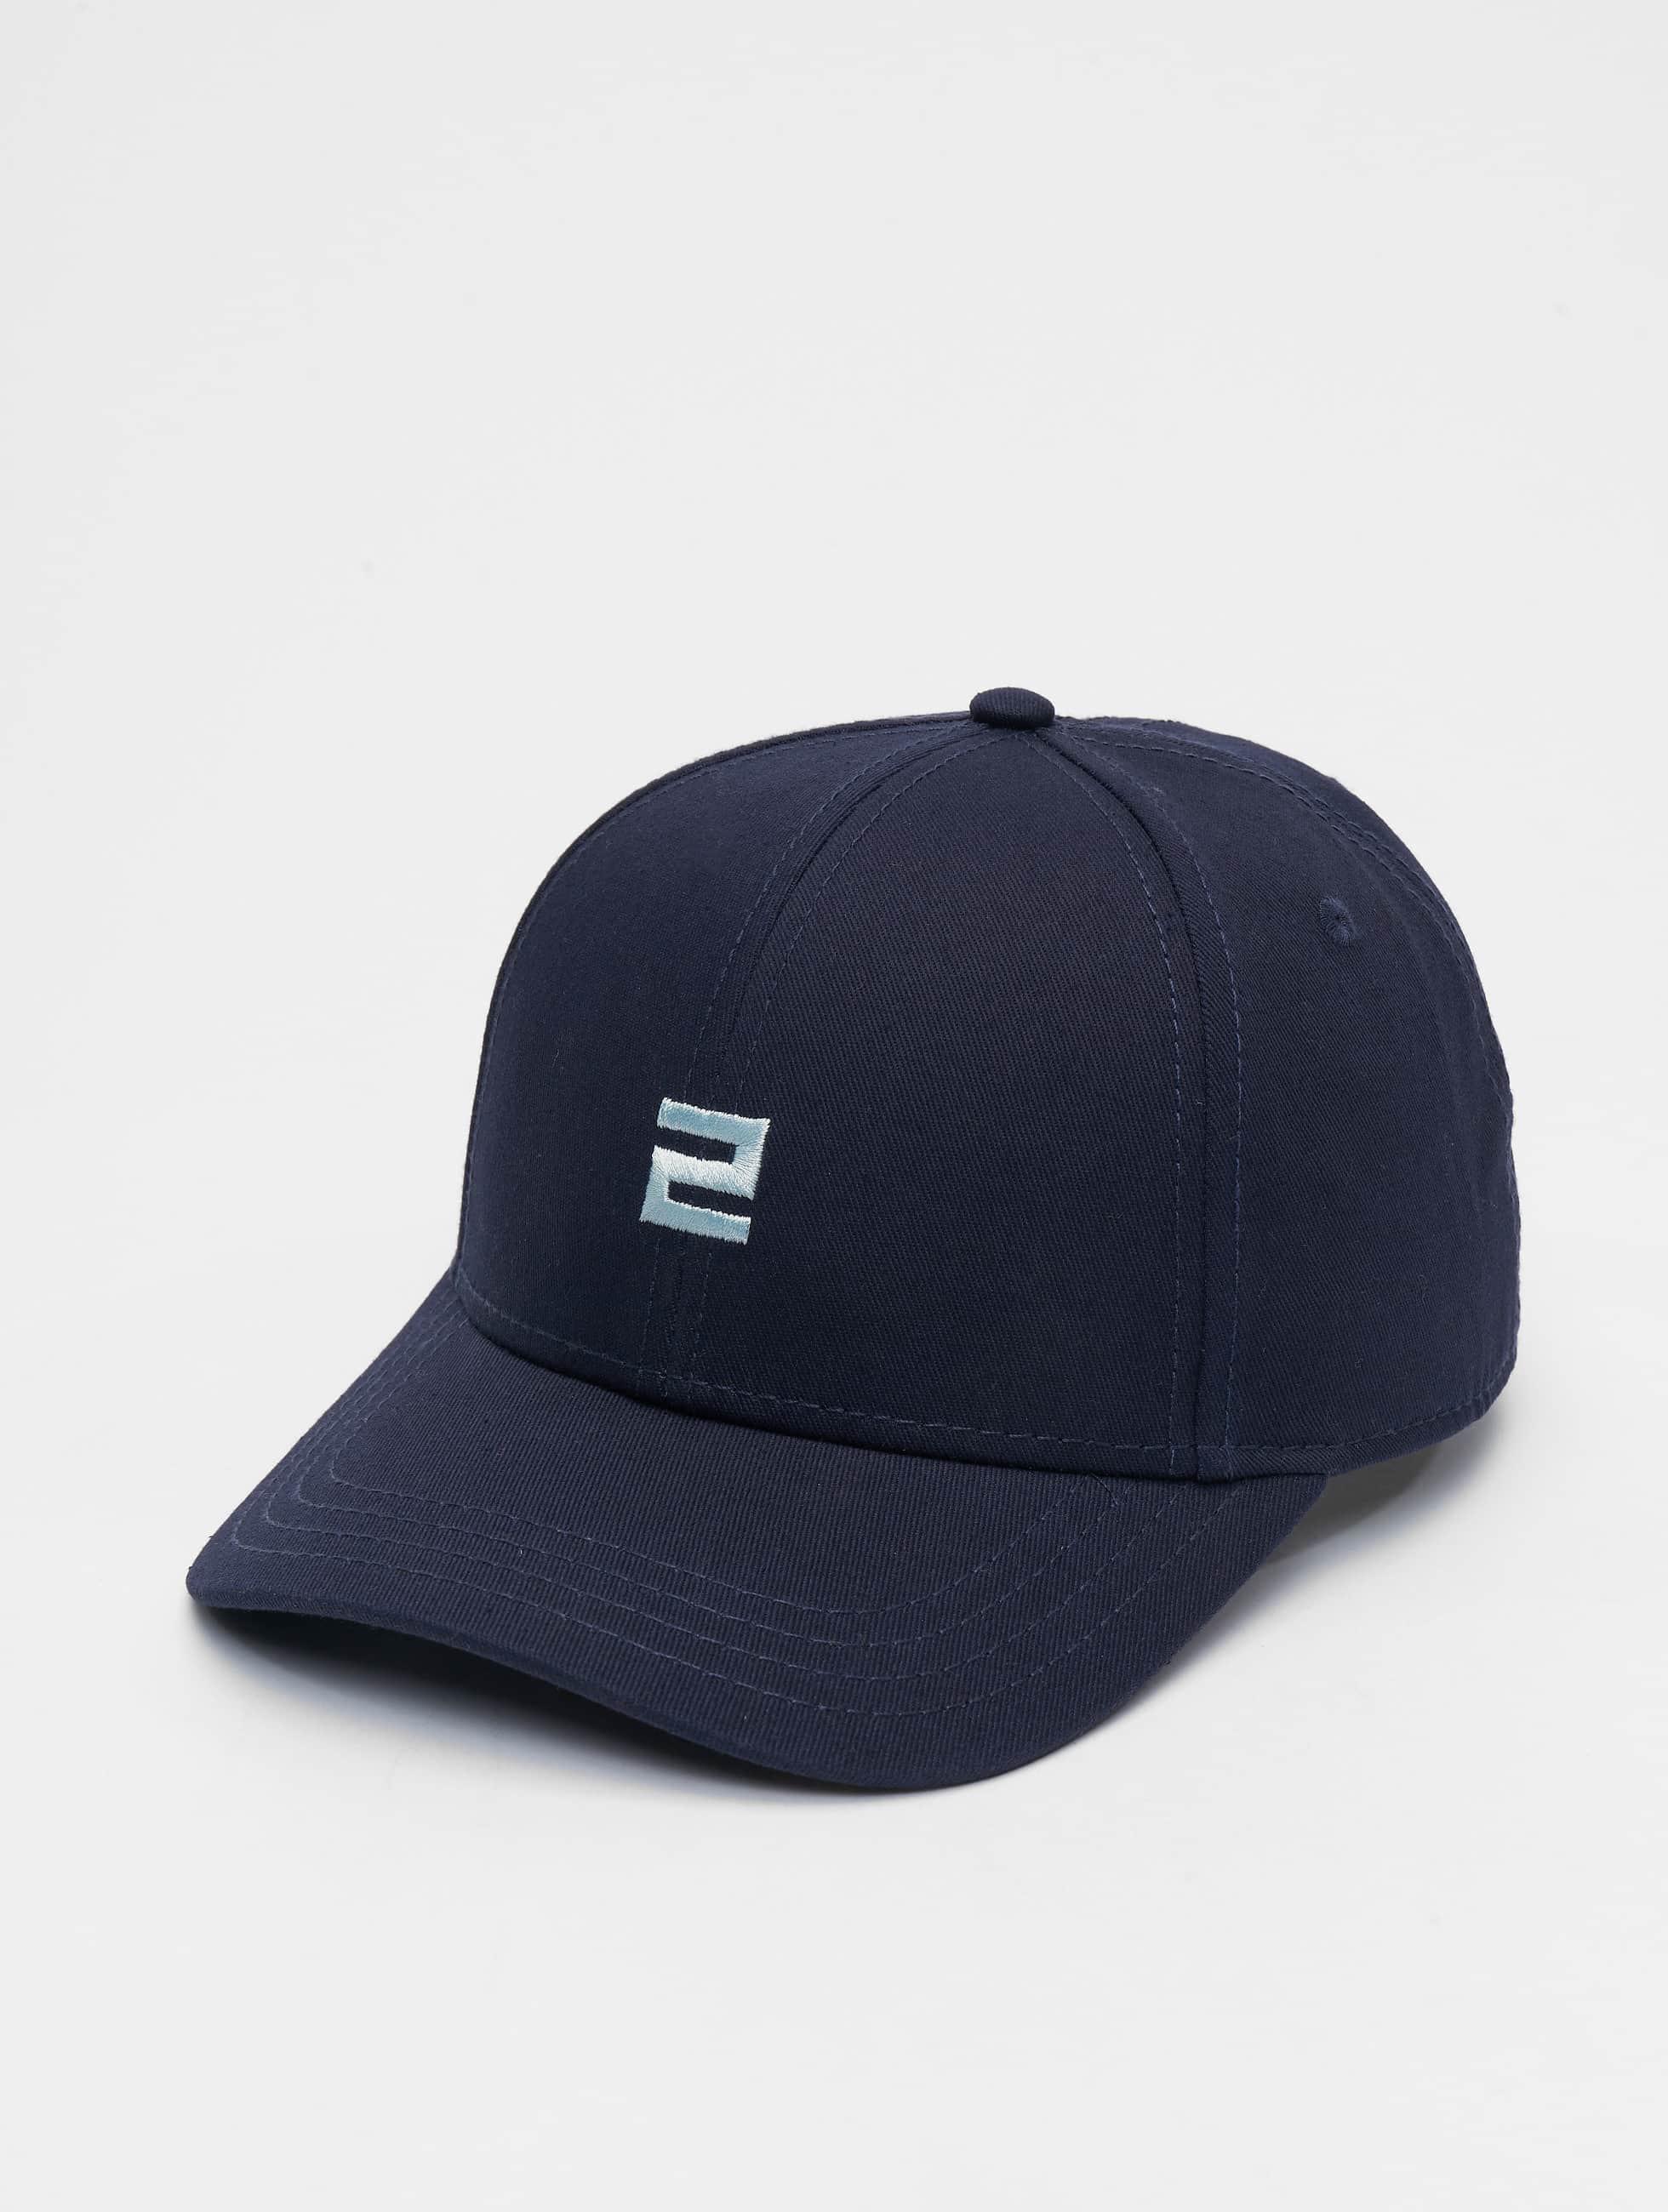 Lifted | Elin  bleu Homme,Femme Casquette Snapback & Strapback